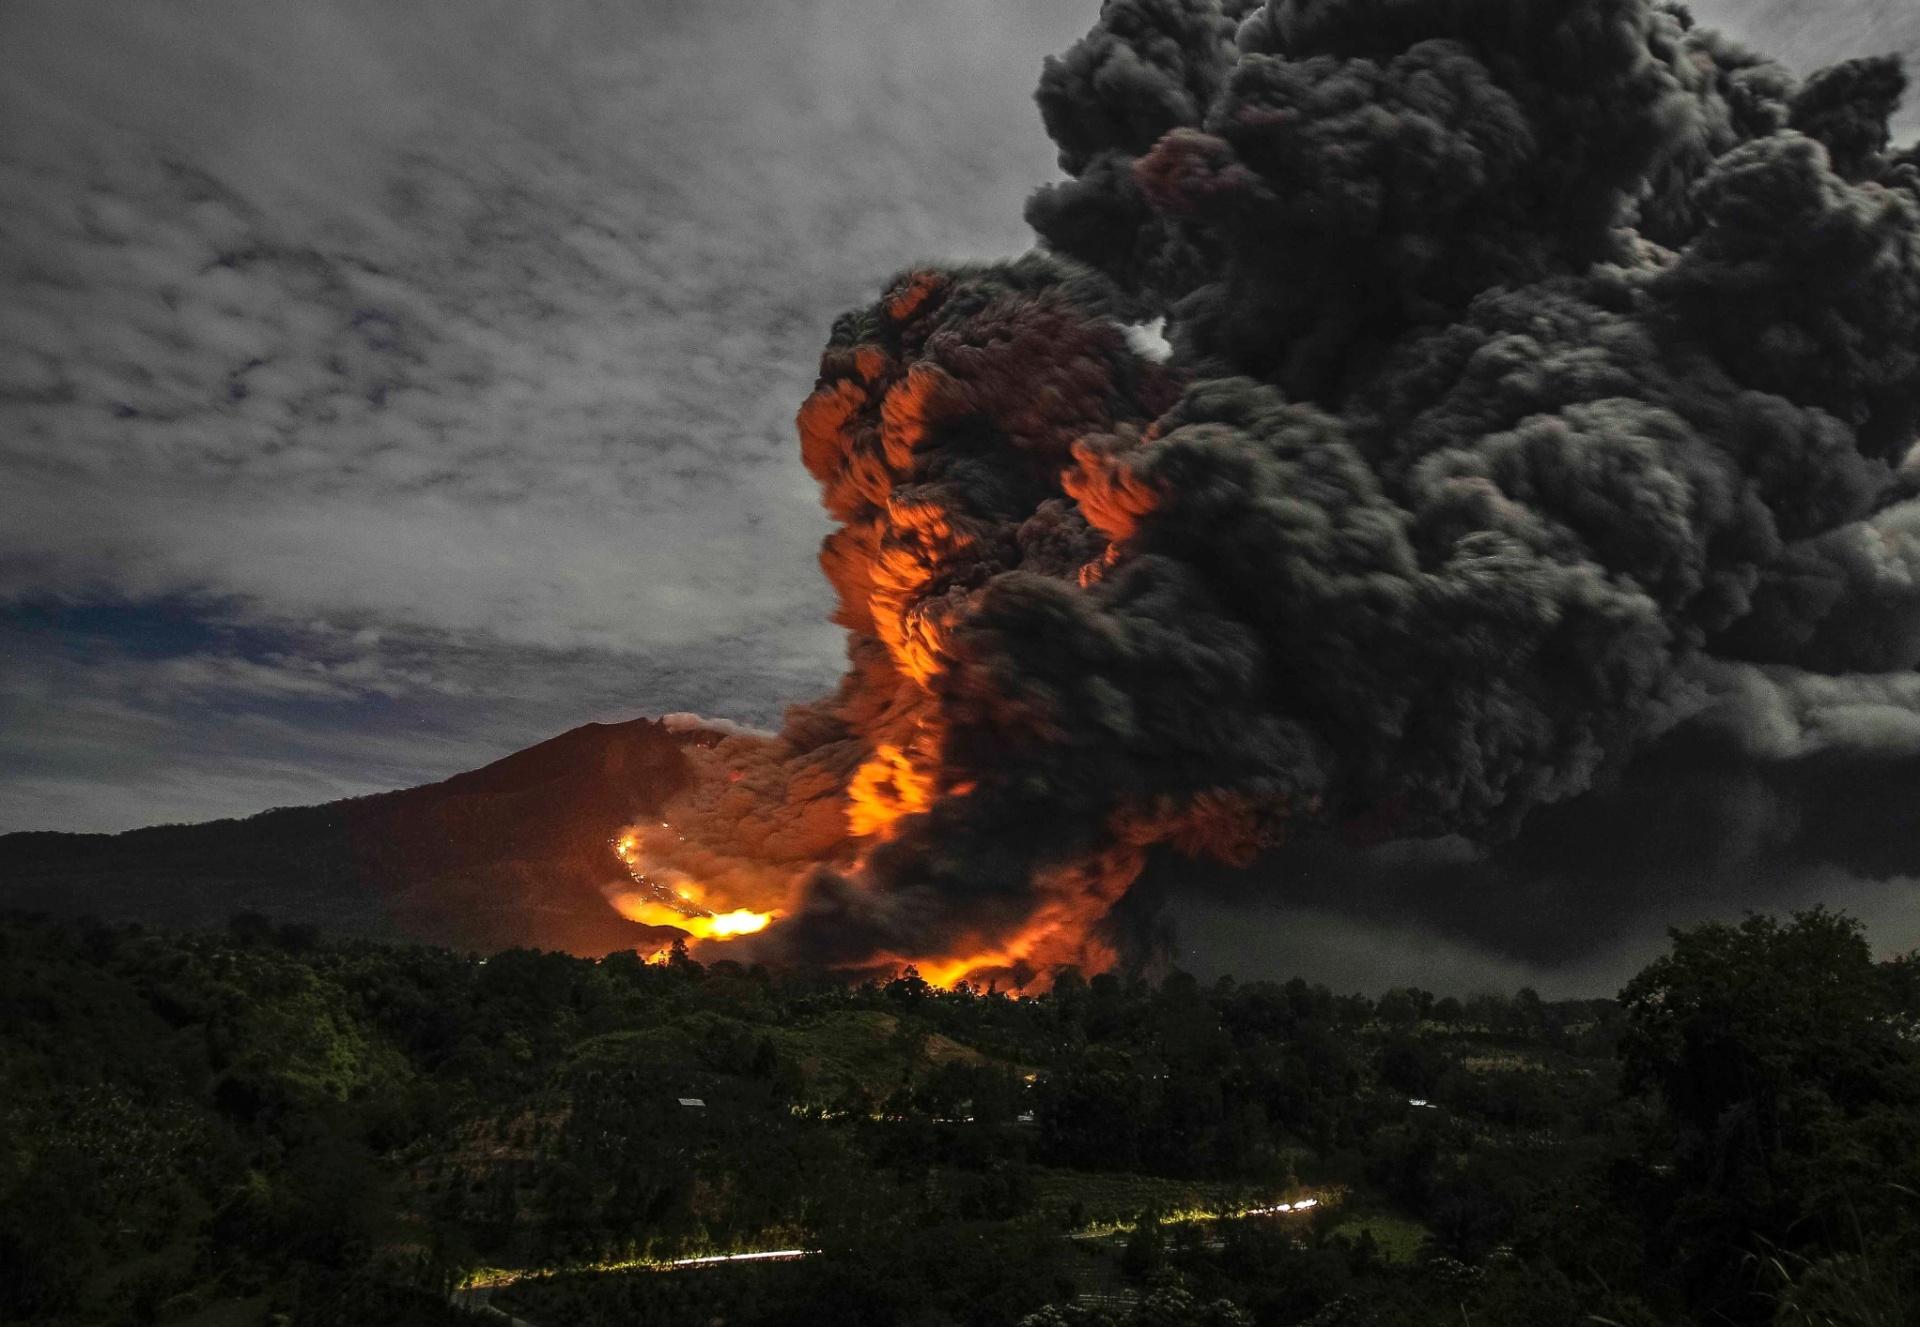 8.out.2014 - O monte Sinabung expele lava e fumaça nesta quarta-feira (8), visto da aldeia Tiga Pancur, na província de Sumatra do Norte, na Indonésia. O vulcão entrou em erupção em agosto de 2010 pela primeira vez em 400 anos, e está ativo desde setembro. Ao menos 16 pessoas morreram em decorrência da atividade vulcânica neste ano e mais de 25 mil tiveram que ser evacuadas